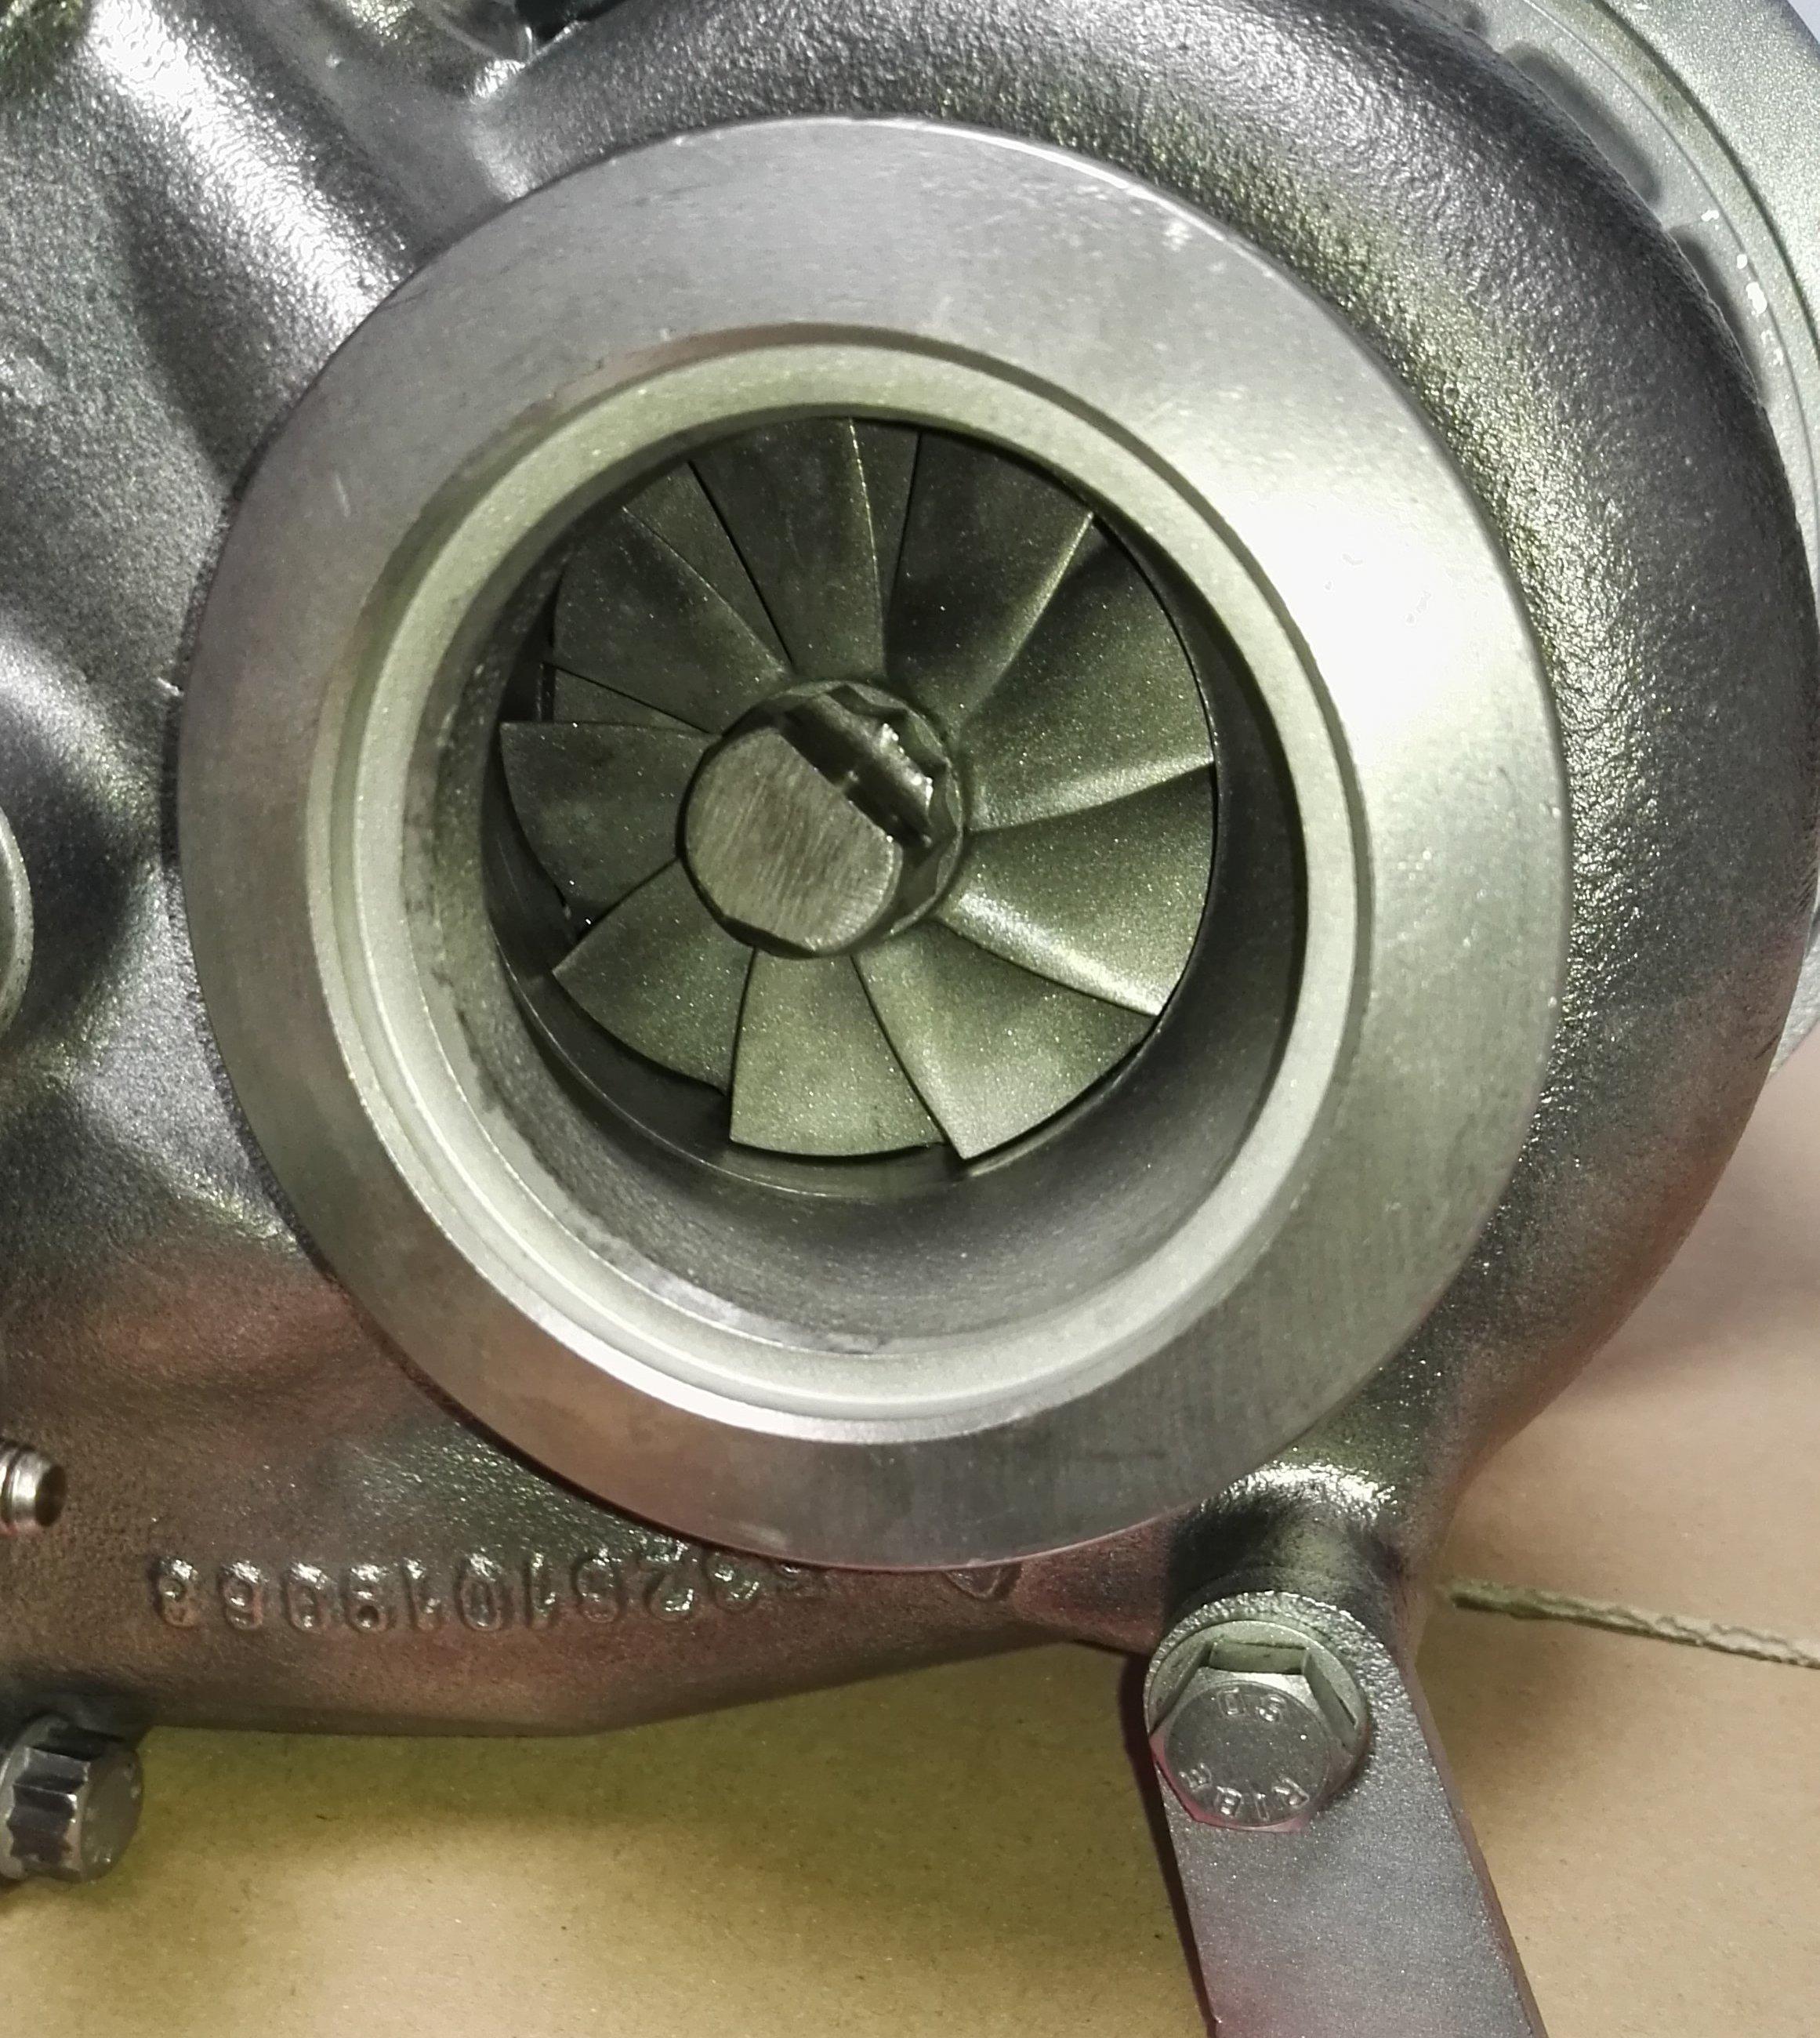 Stage3 Upgraded Turbo BMW 335d (E90/E91/E92), 535d (E60/E61), 635d  (E63/E64, X3 3 0sd(E83), X5 3 0sd(E70), X6 35dx(E71)